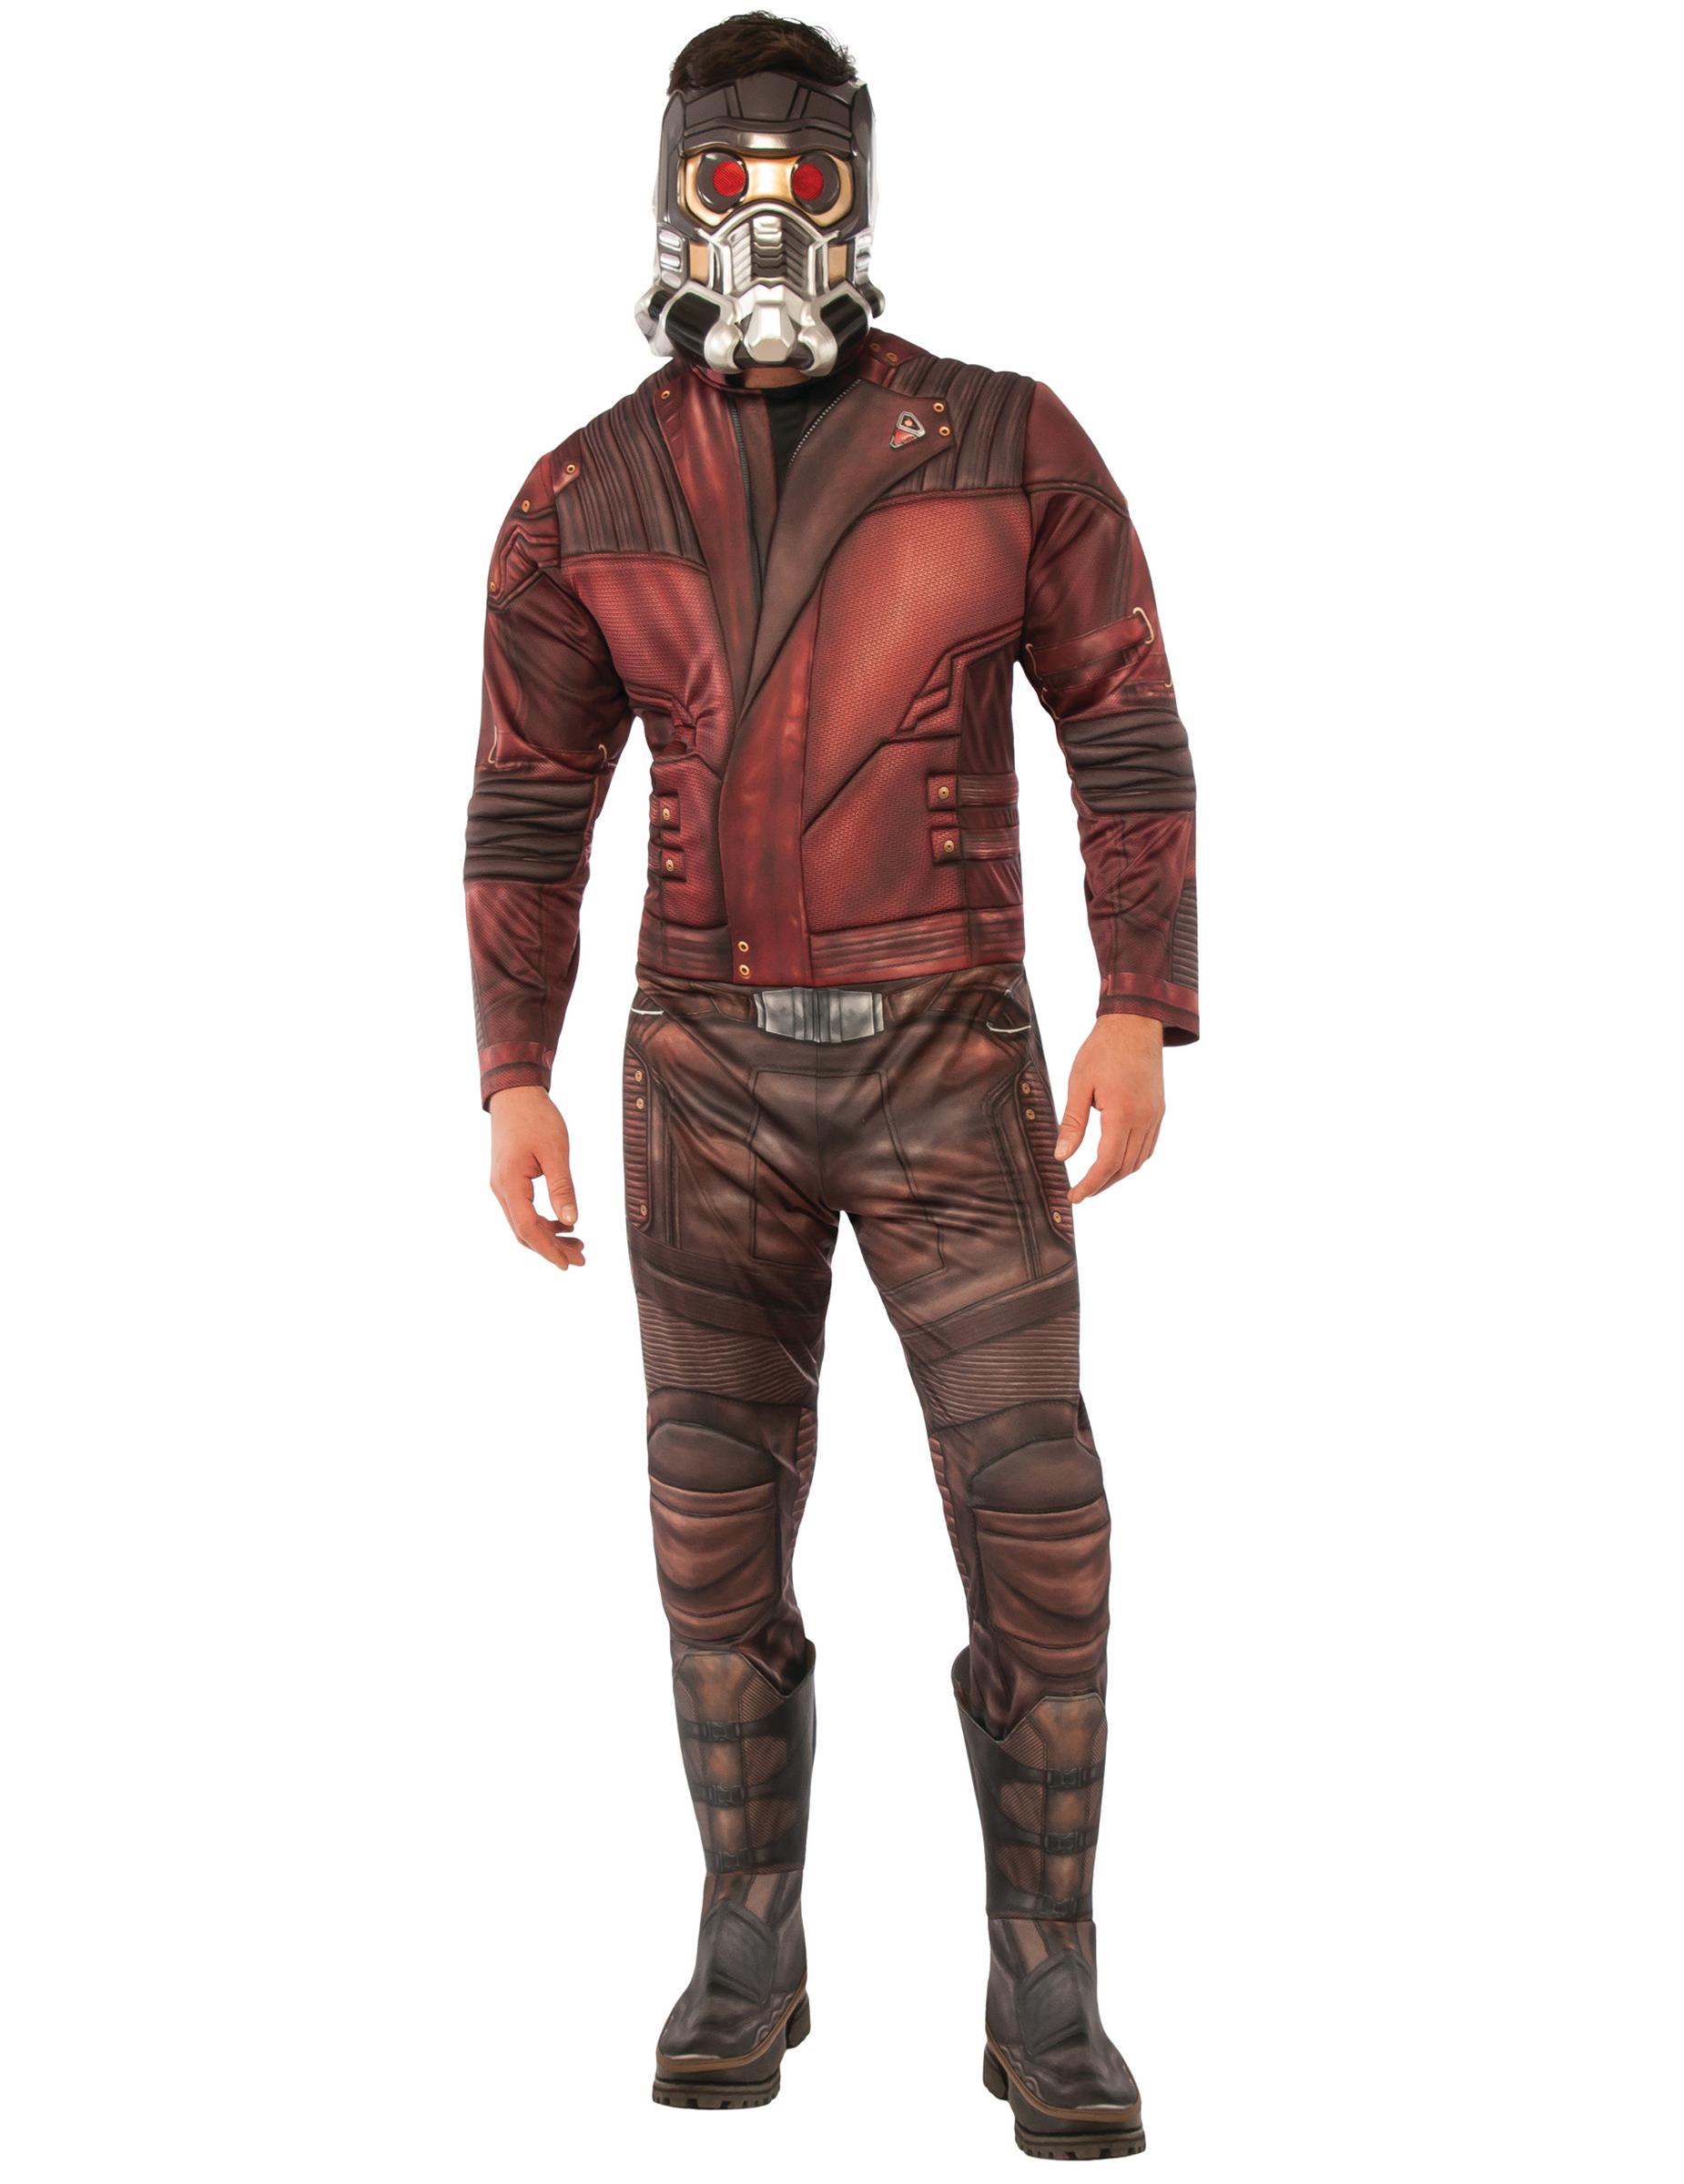 Costume con maschera star lord™ i guardiani della galassia 2™ per